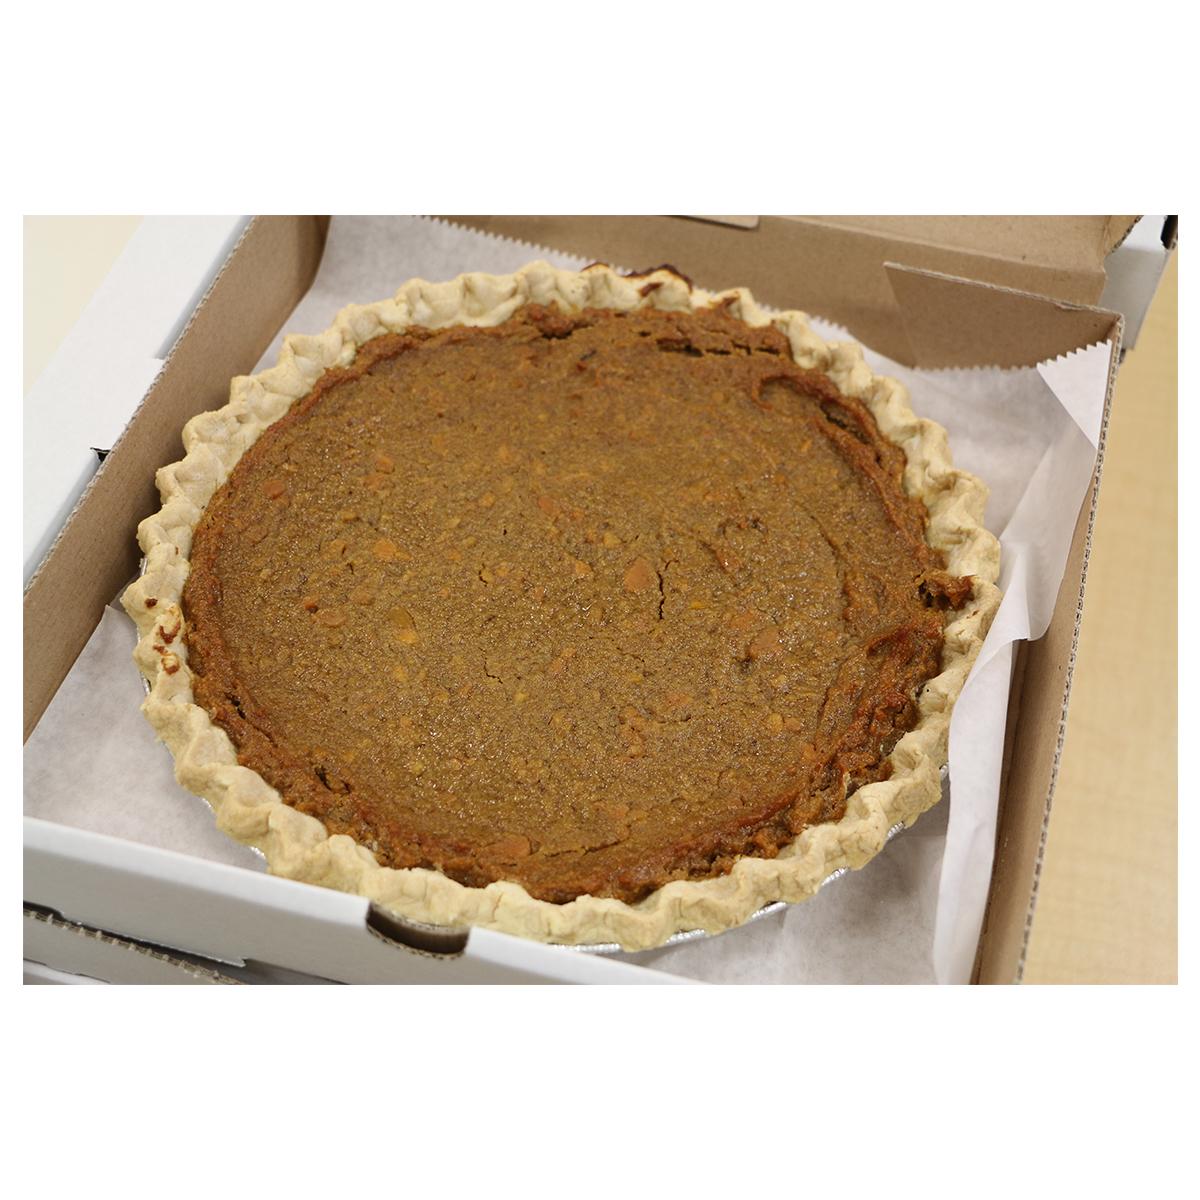 Pumpkin Pie Picture -